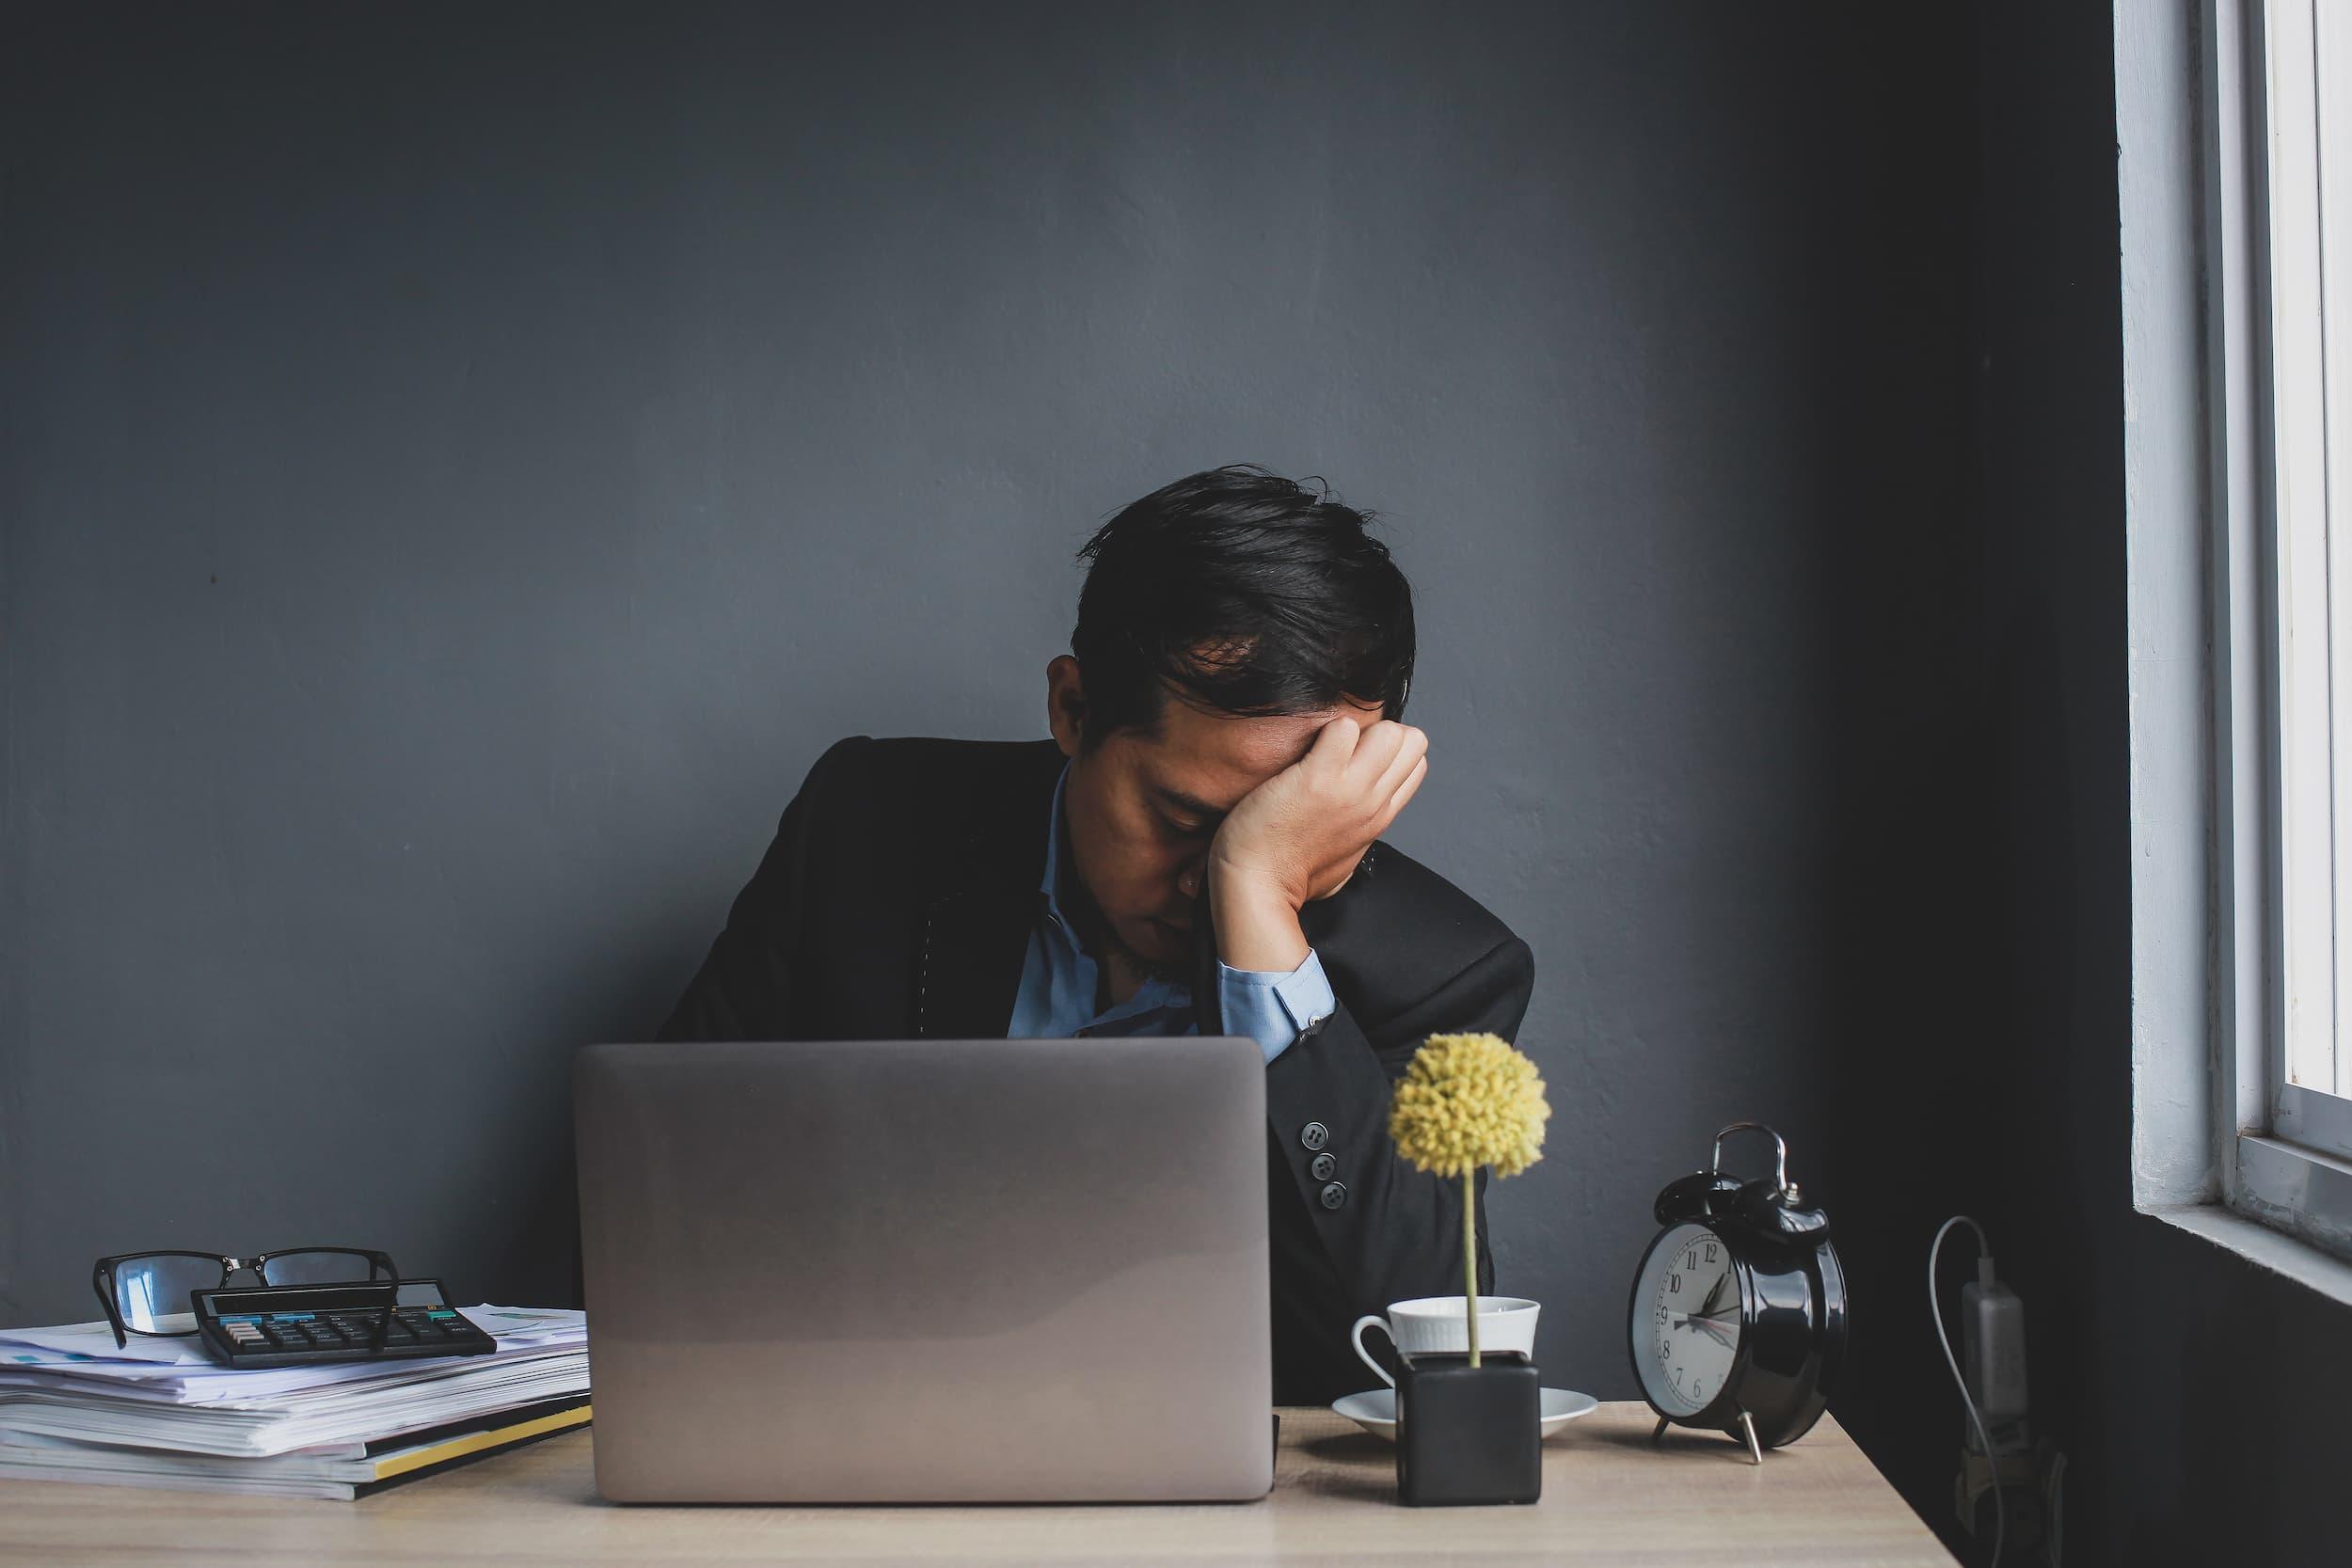 ¿Cómo solicitar una baja por depresión?